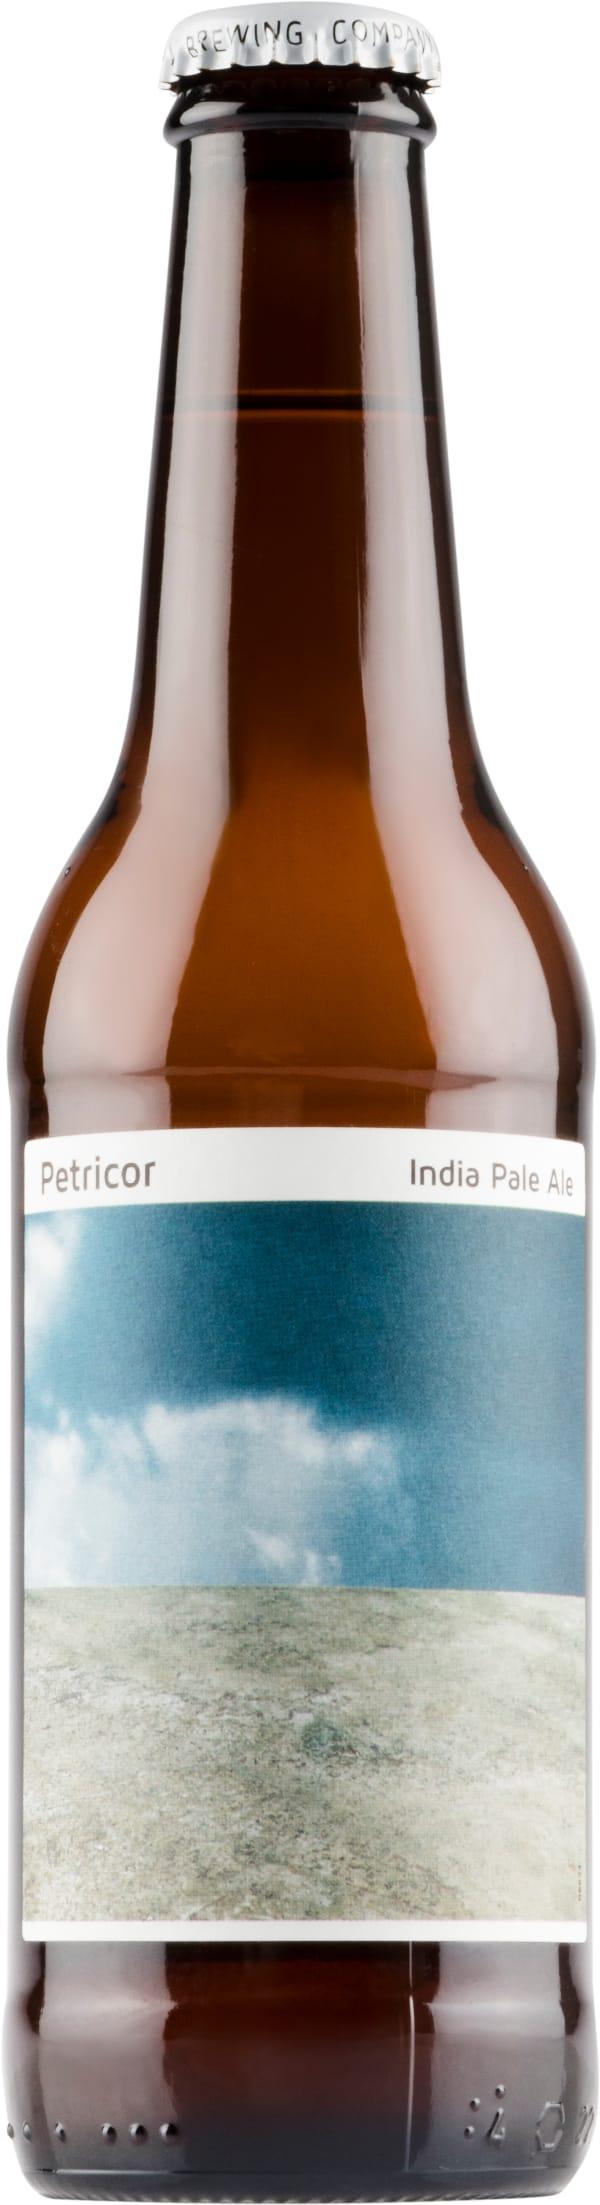 Nomada Petricor